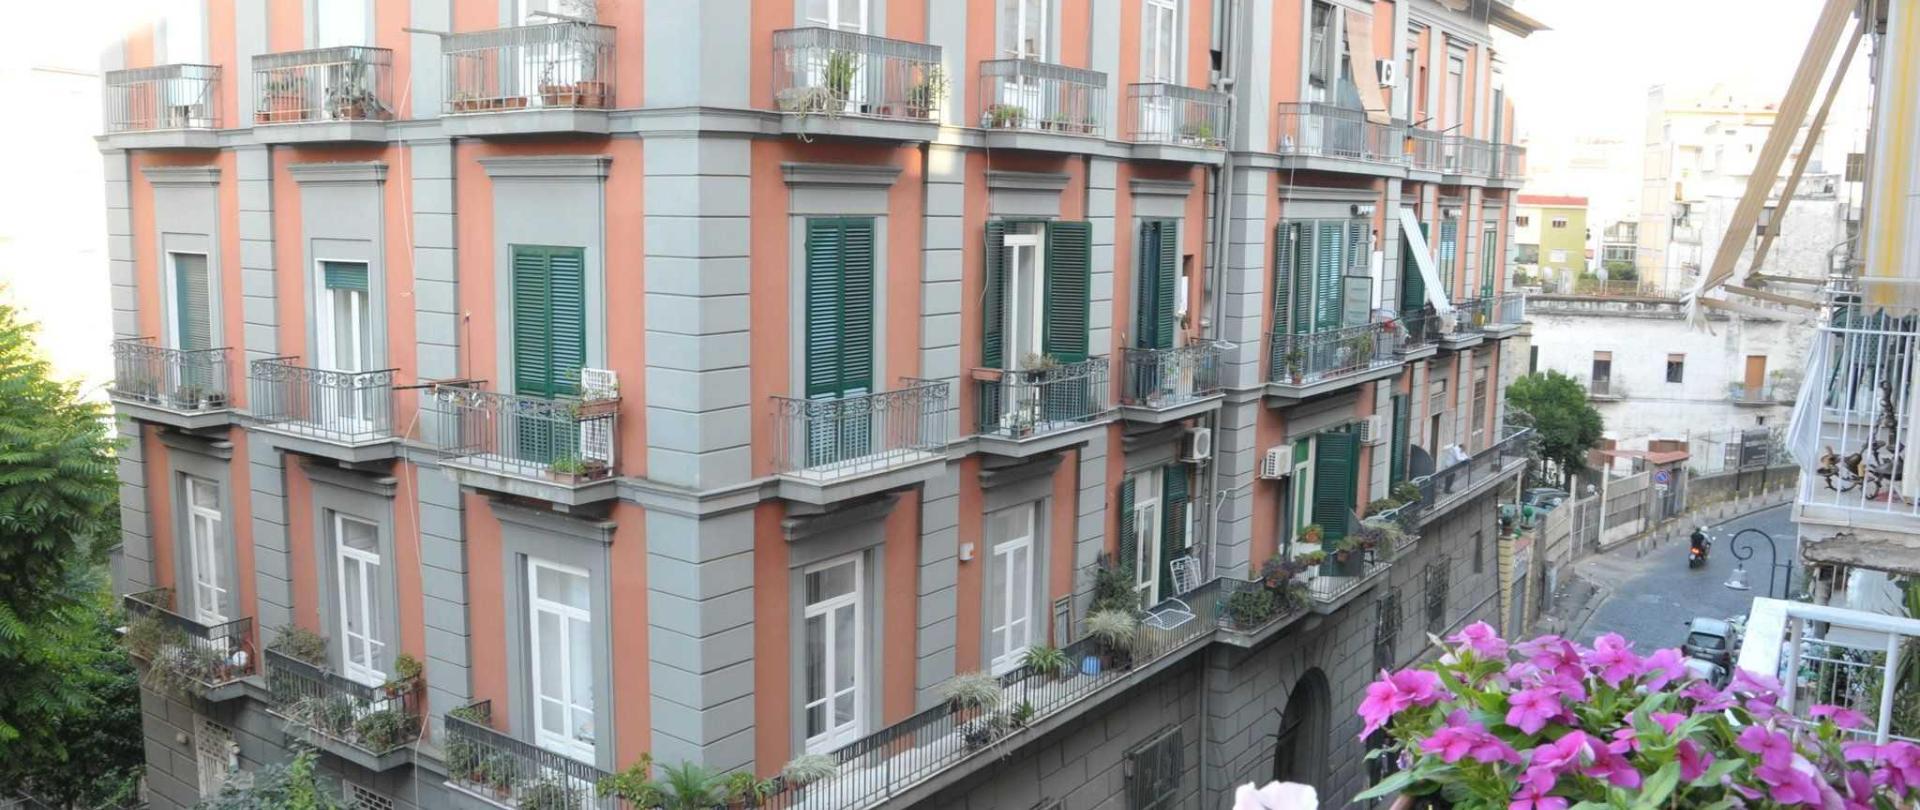 palazzo-dall-alto-1.jpg